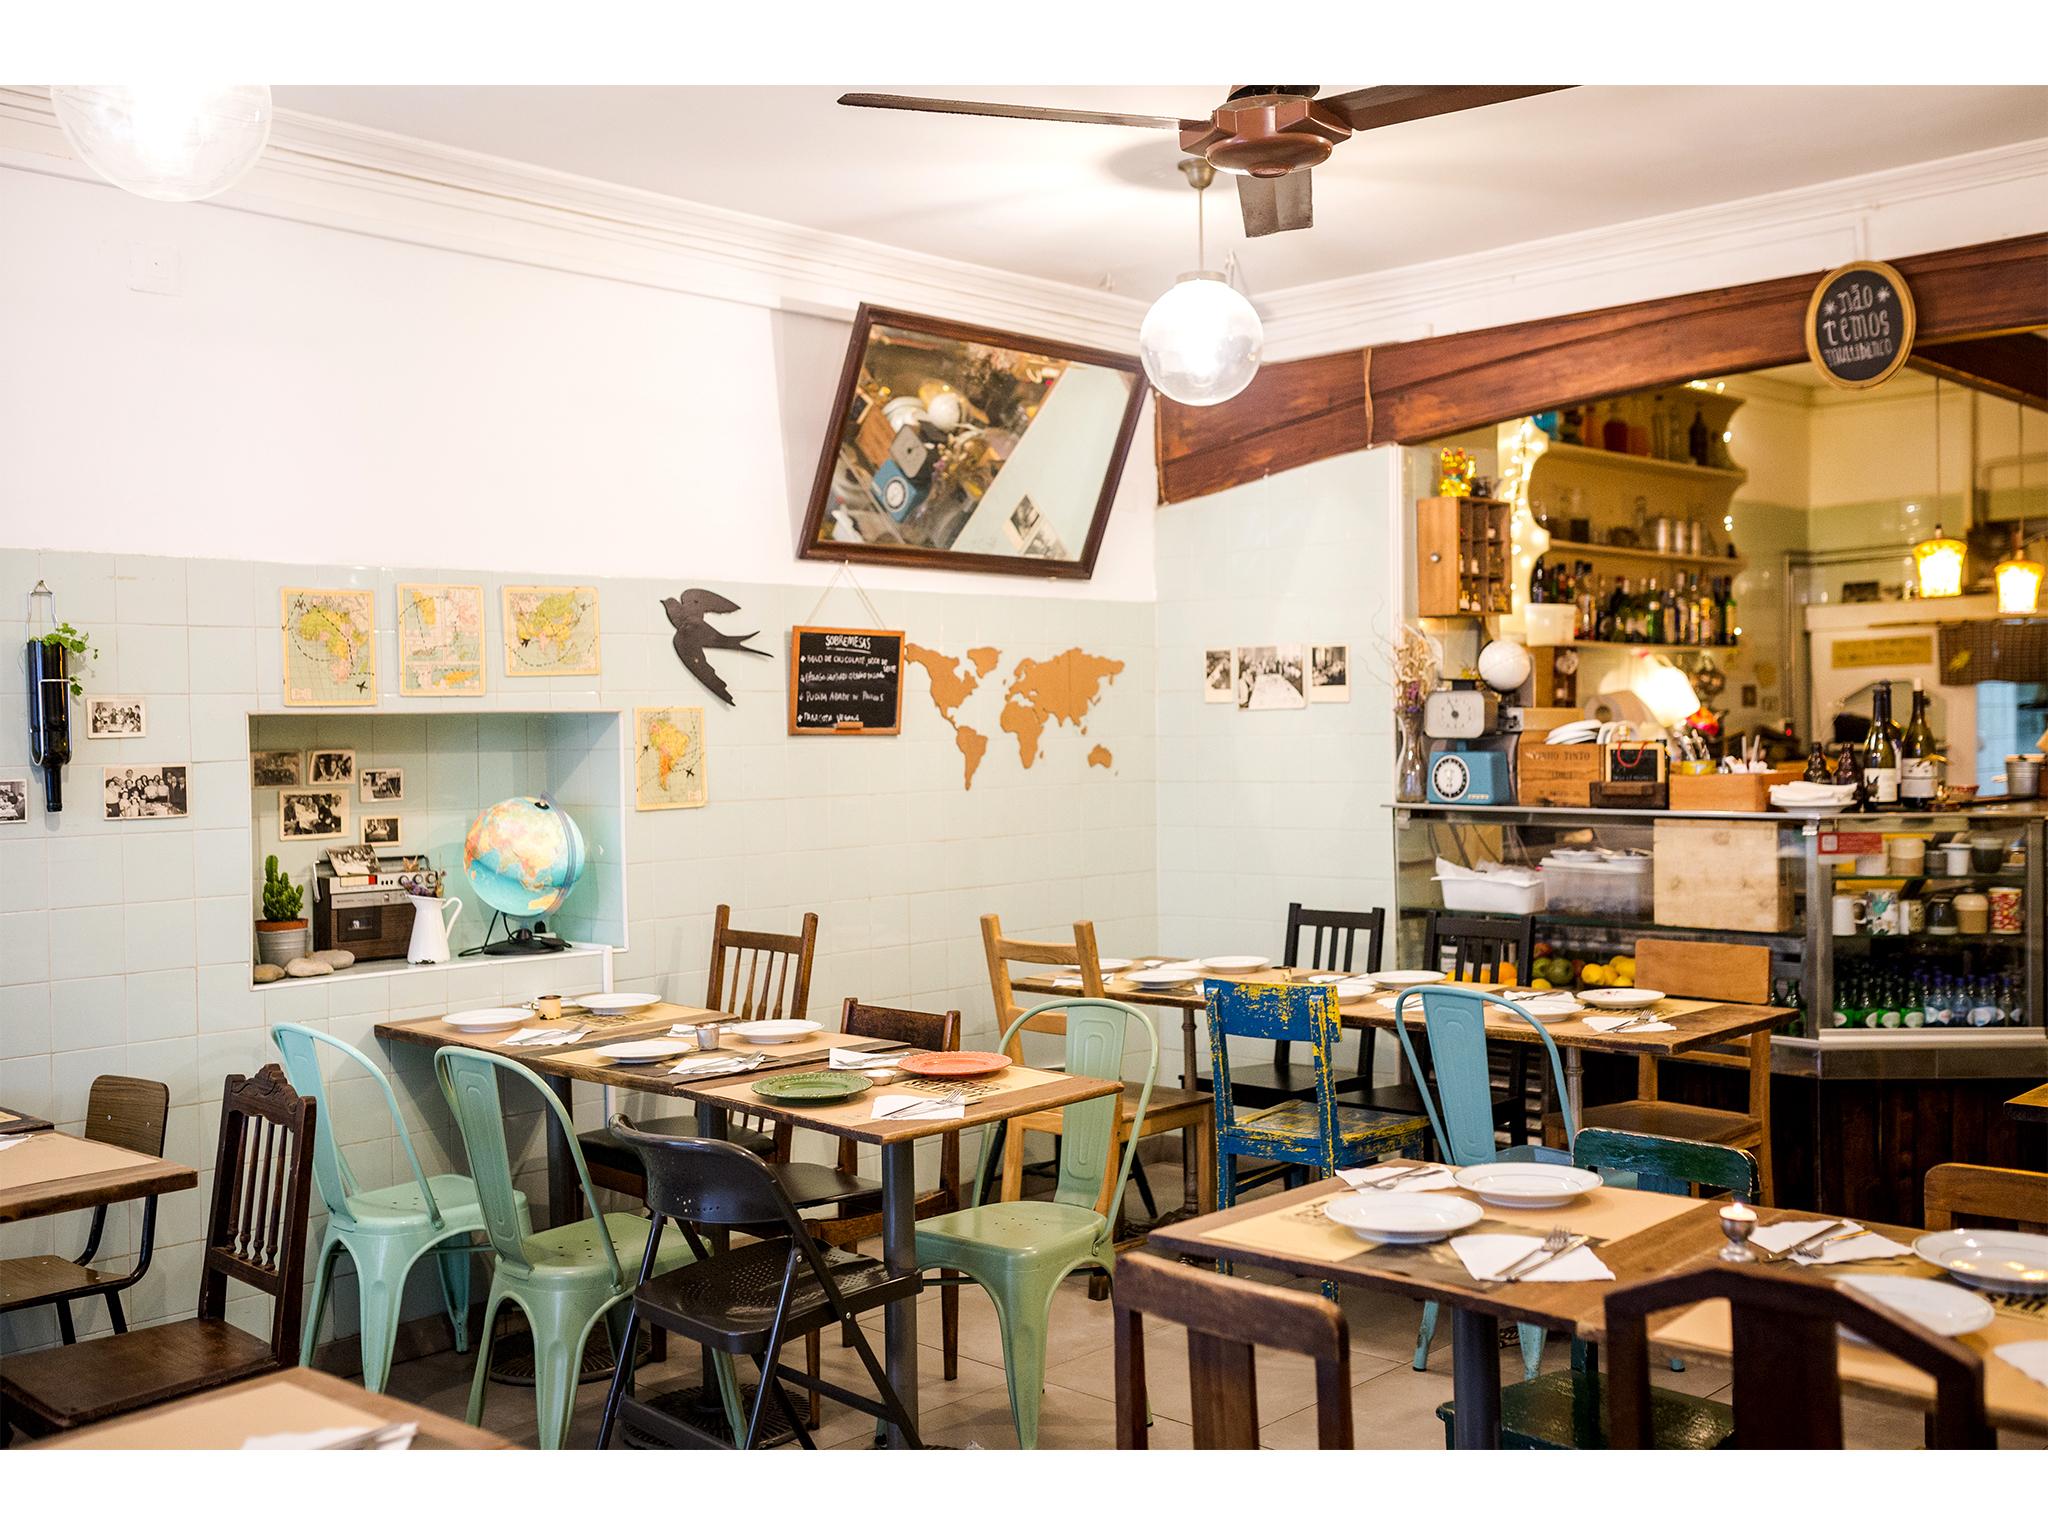 Restaurante, Estrela da Bica, Bica